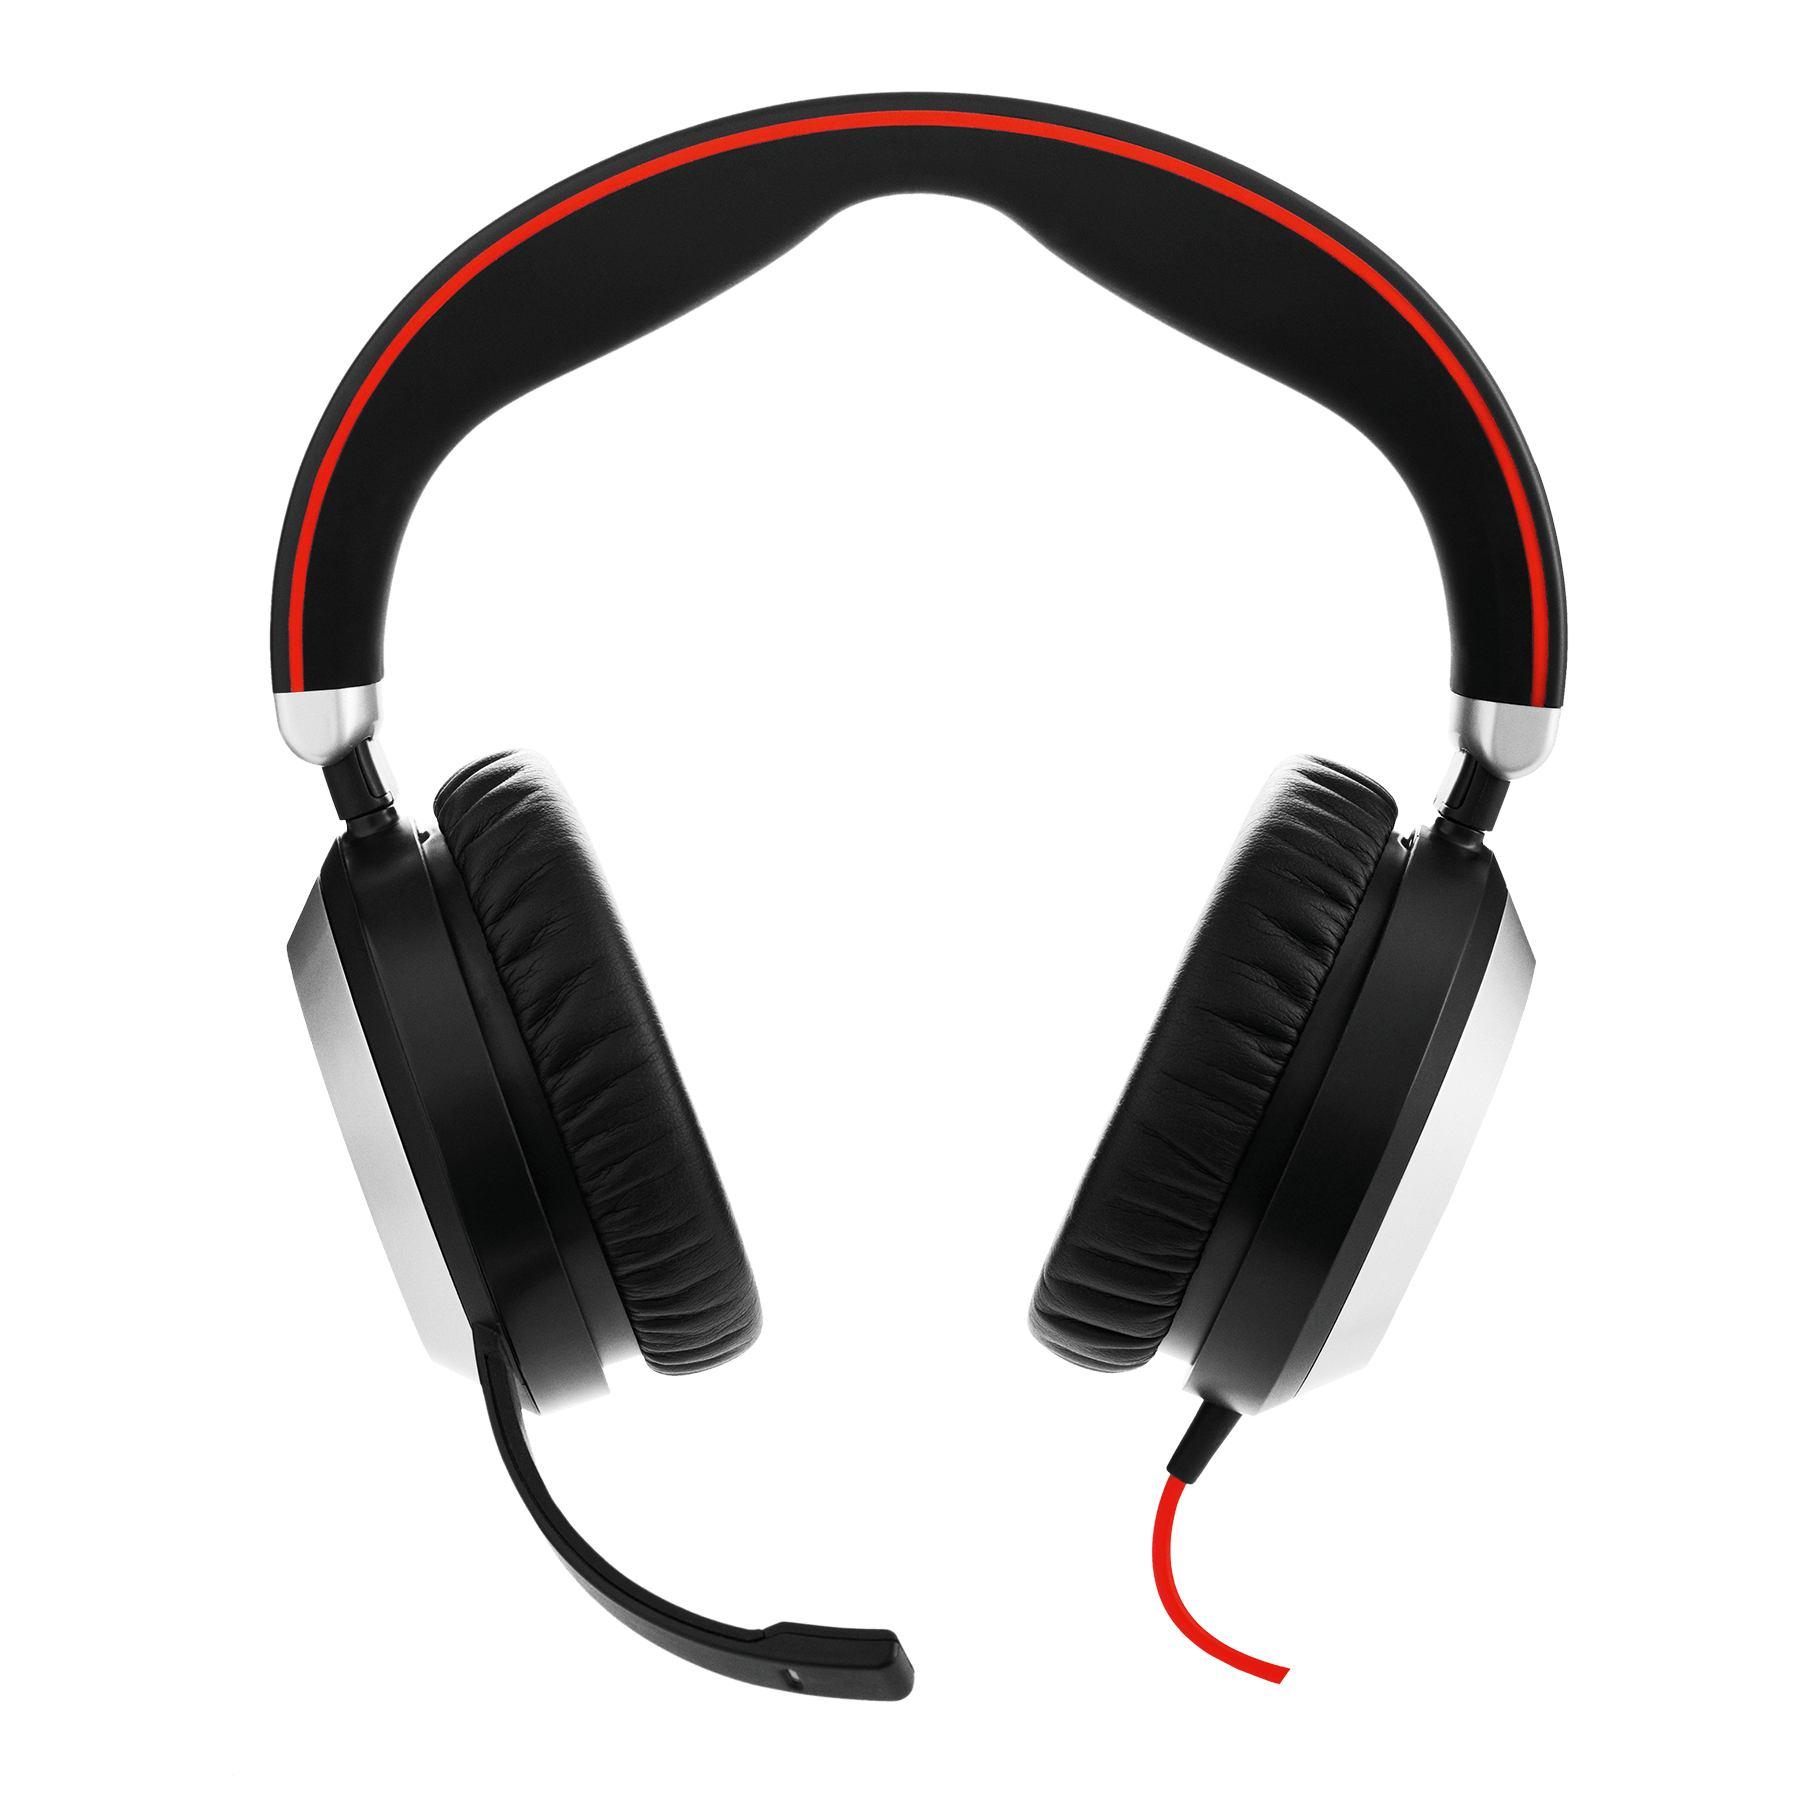 2022274-Jabra-Evolve-80-Stereo-MS-USB-C-Cuffia-Padiglione-auricolare-Nero-Jabra